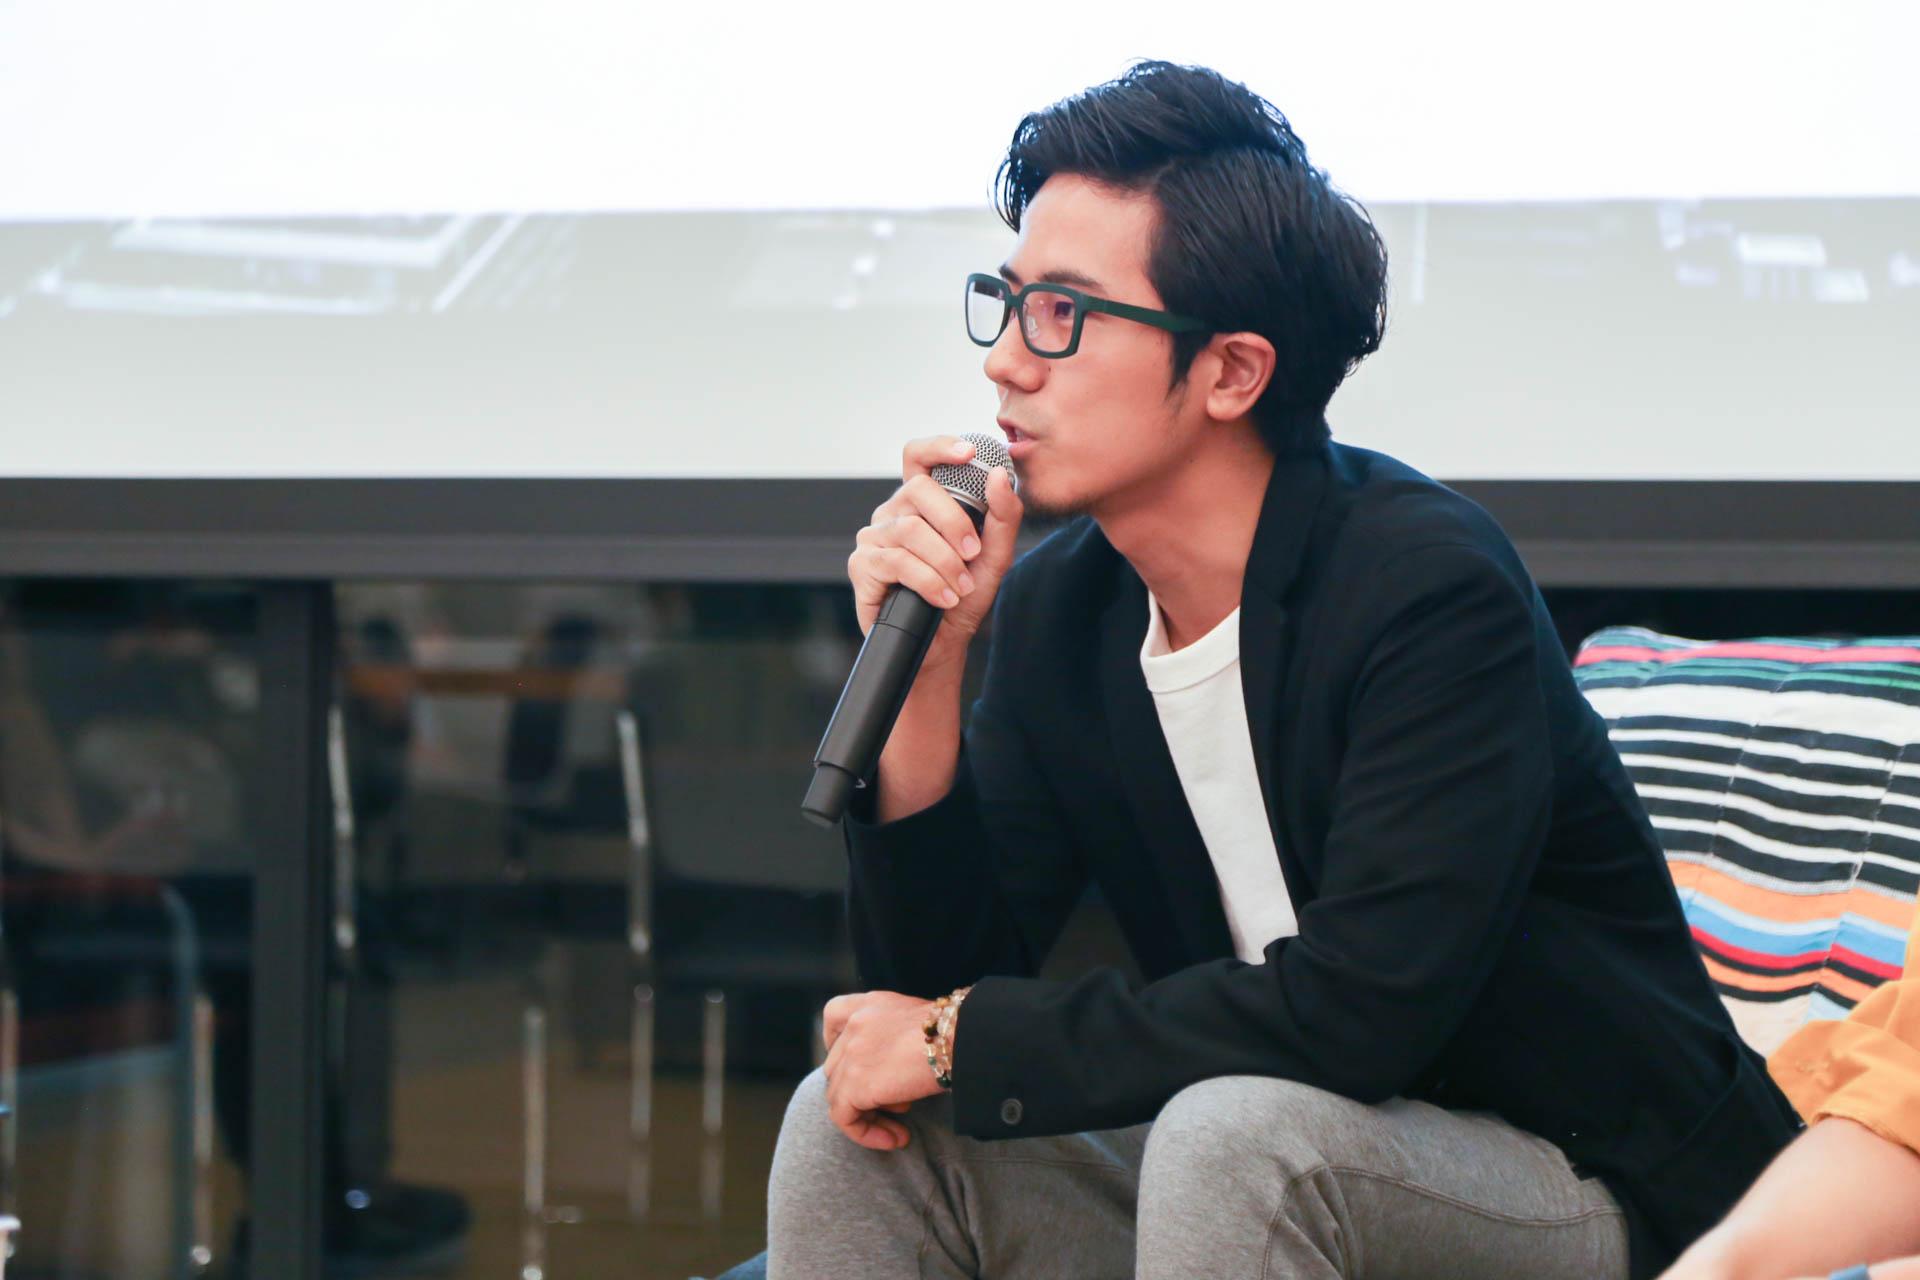 青木英佑さん (株式会社CACTAS 代表取締役CEO)